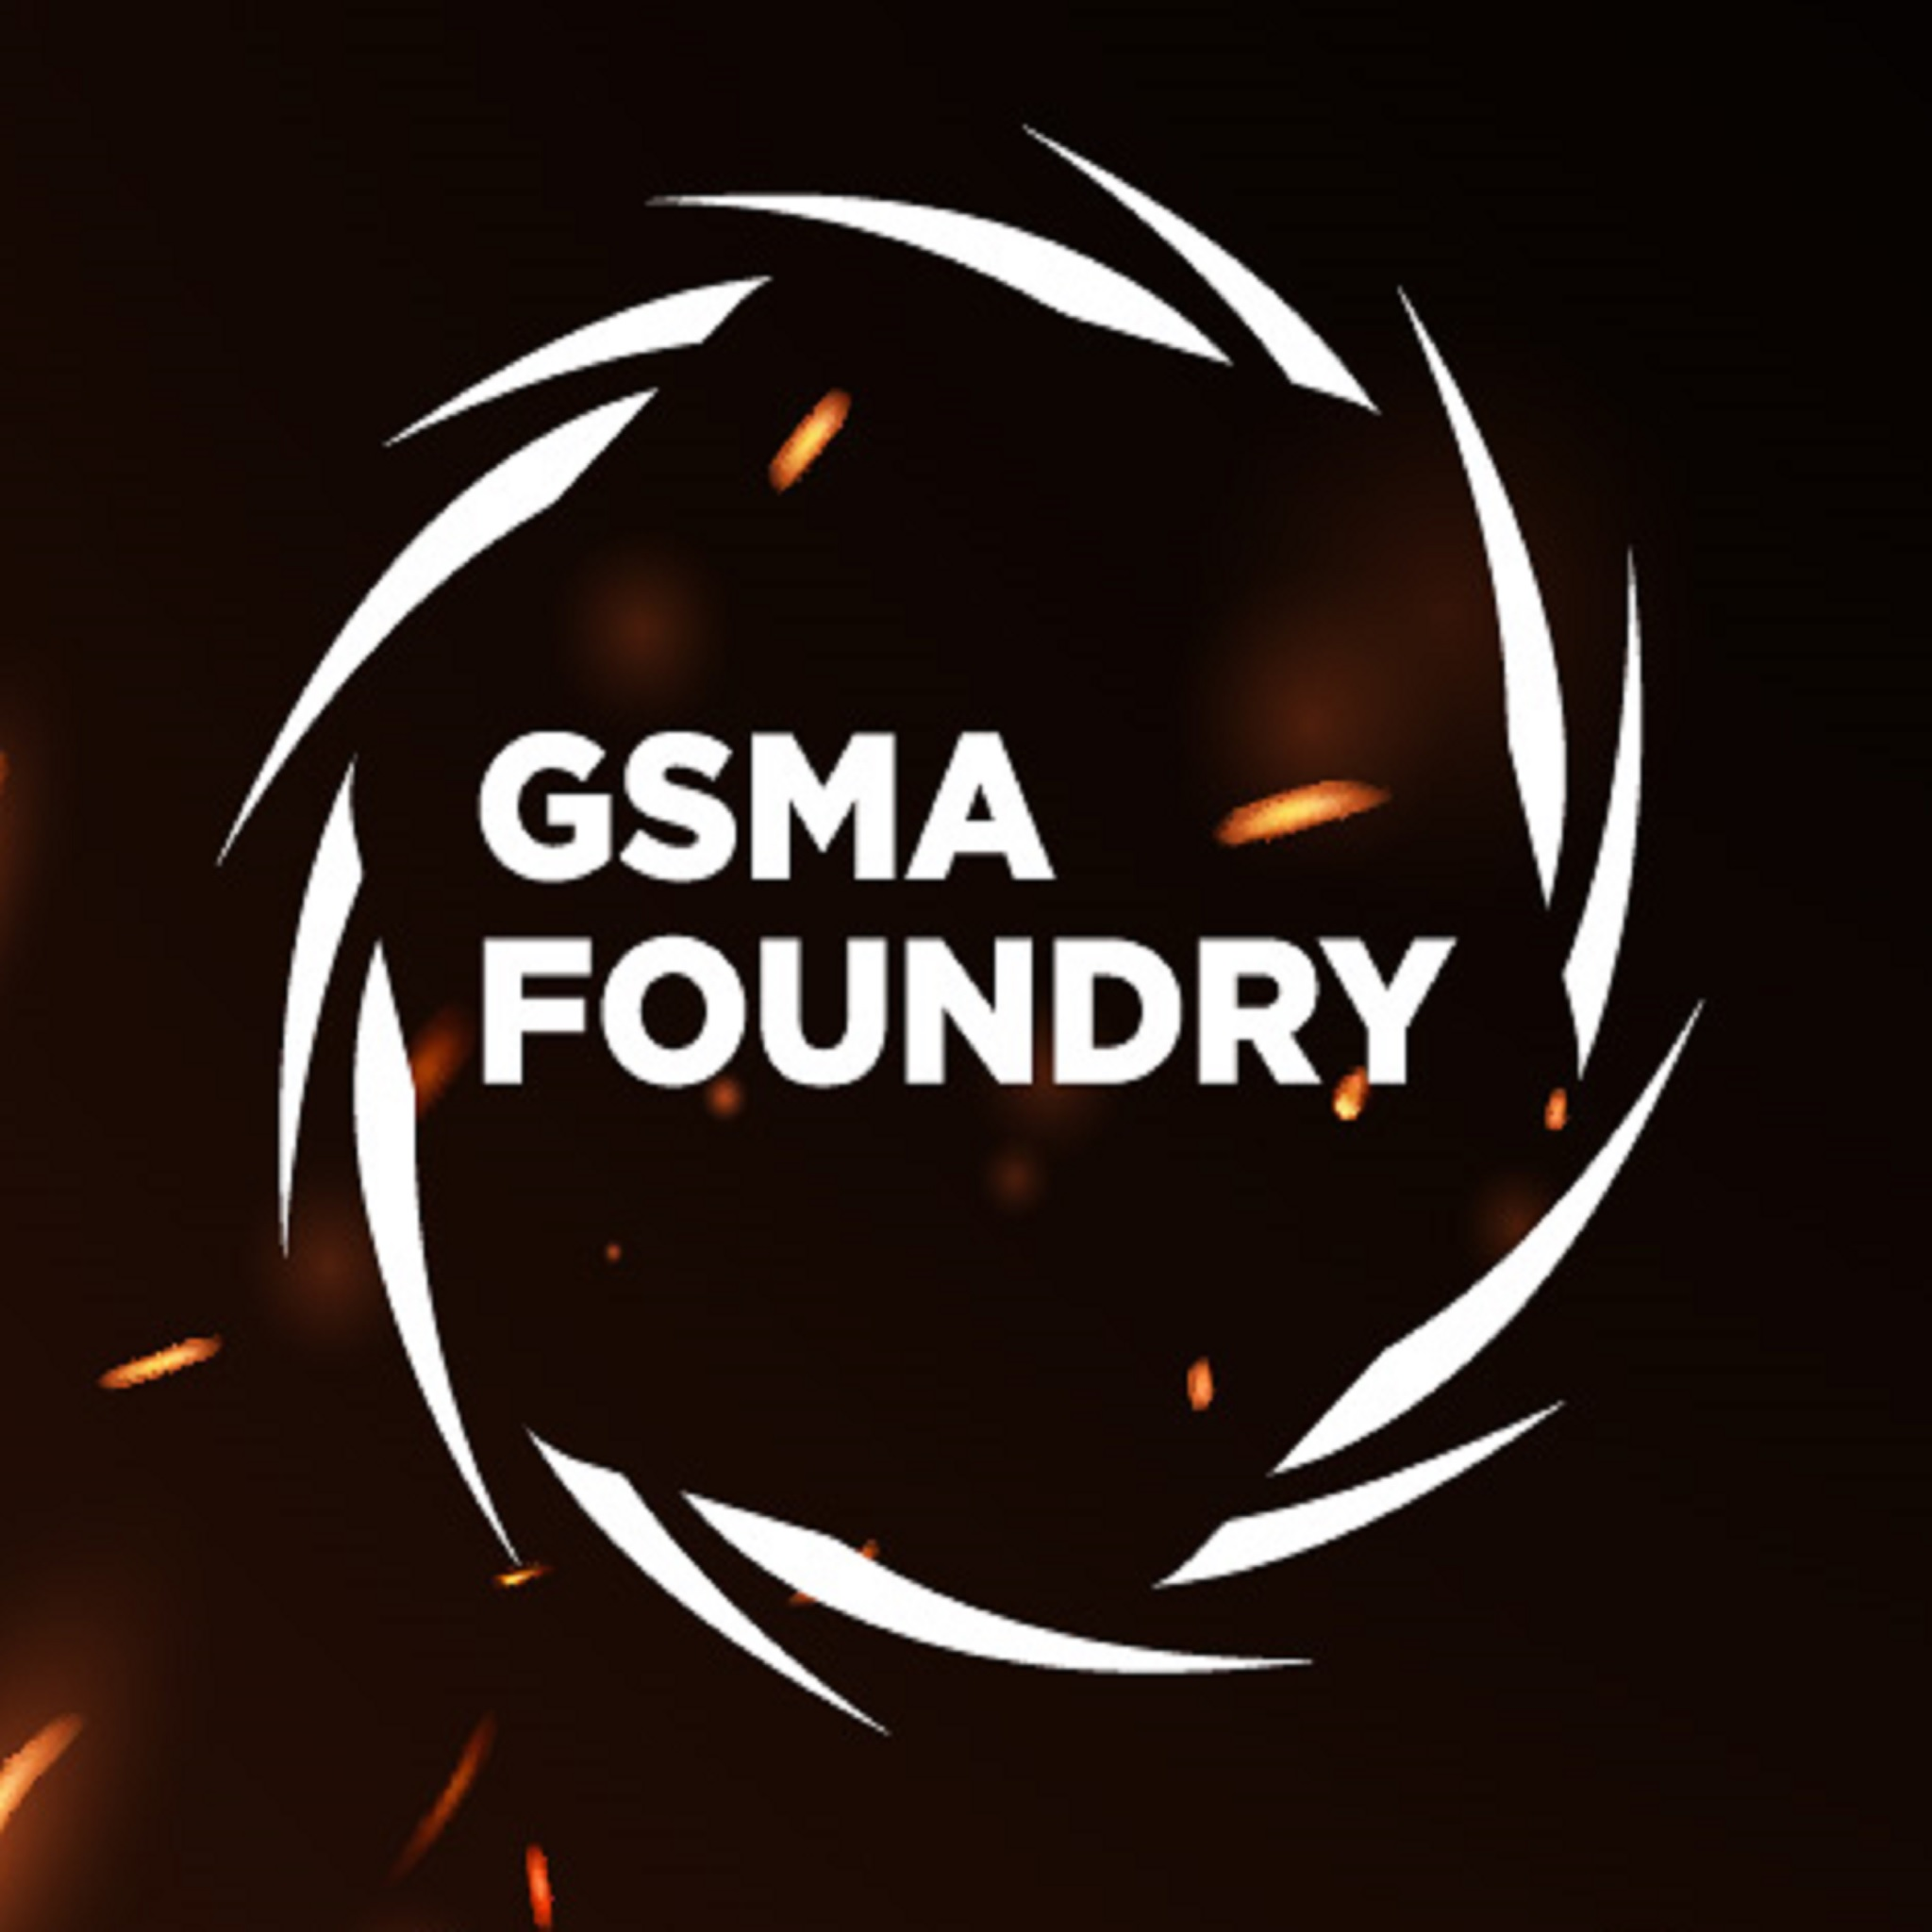 GSMA Foundry